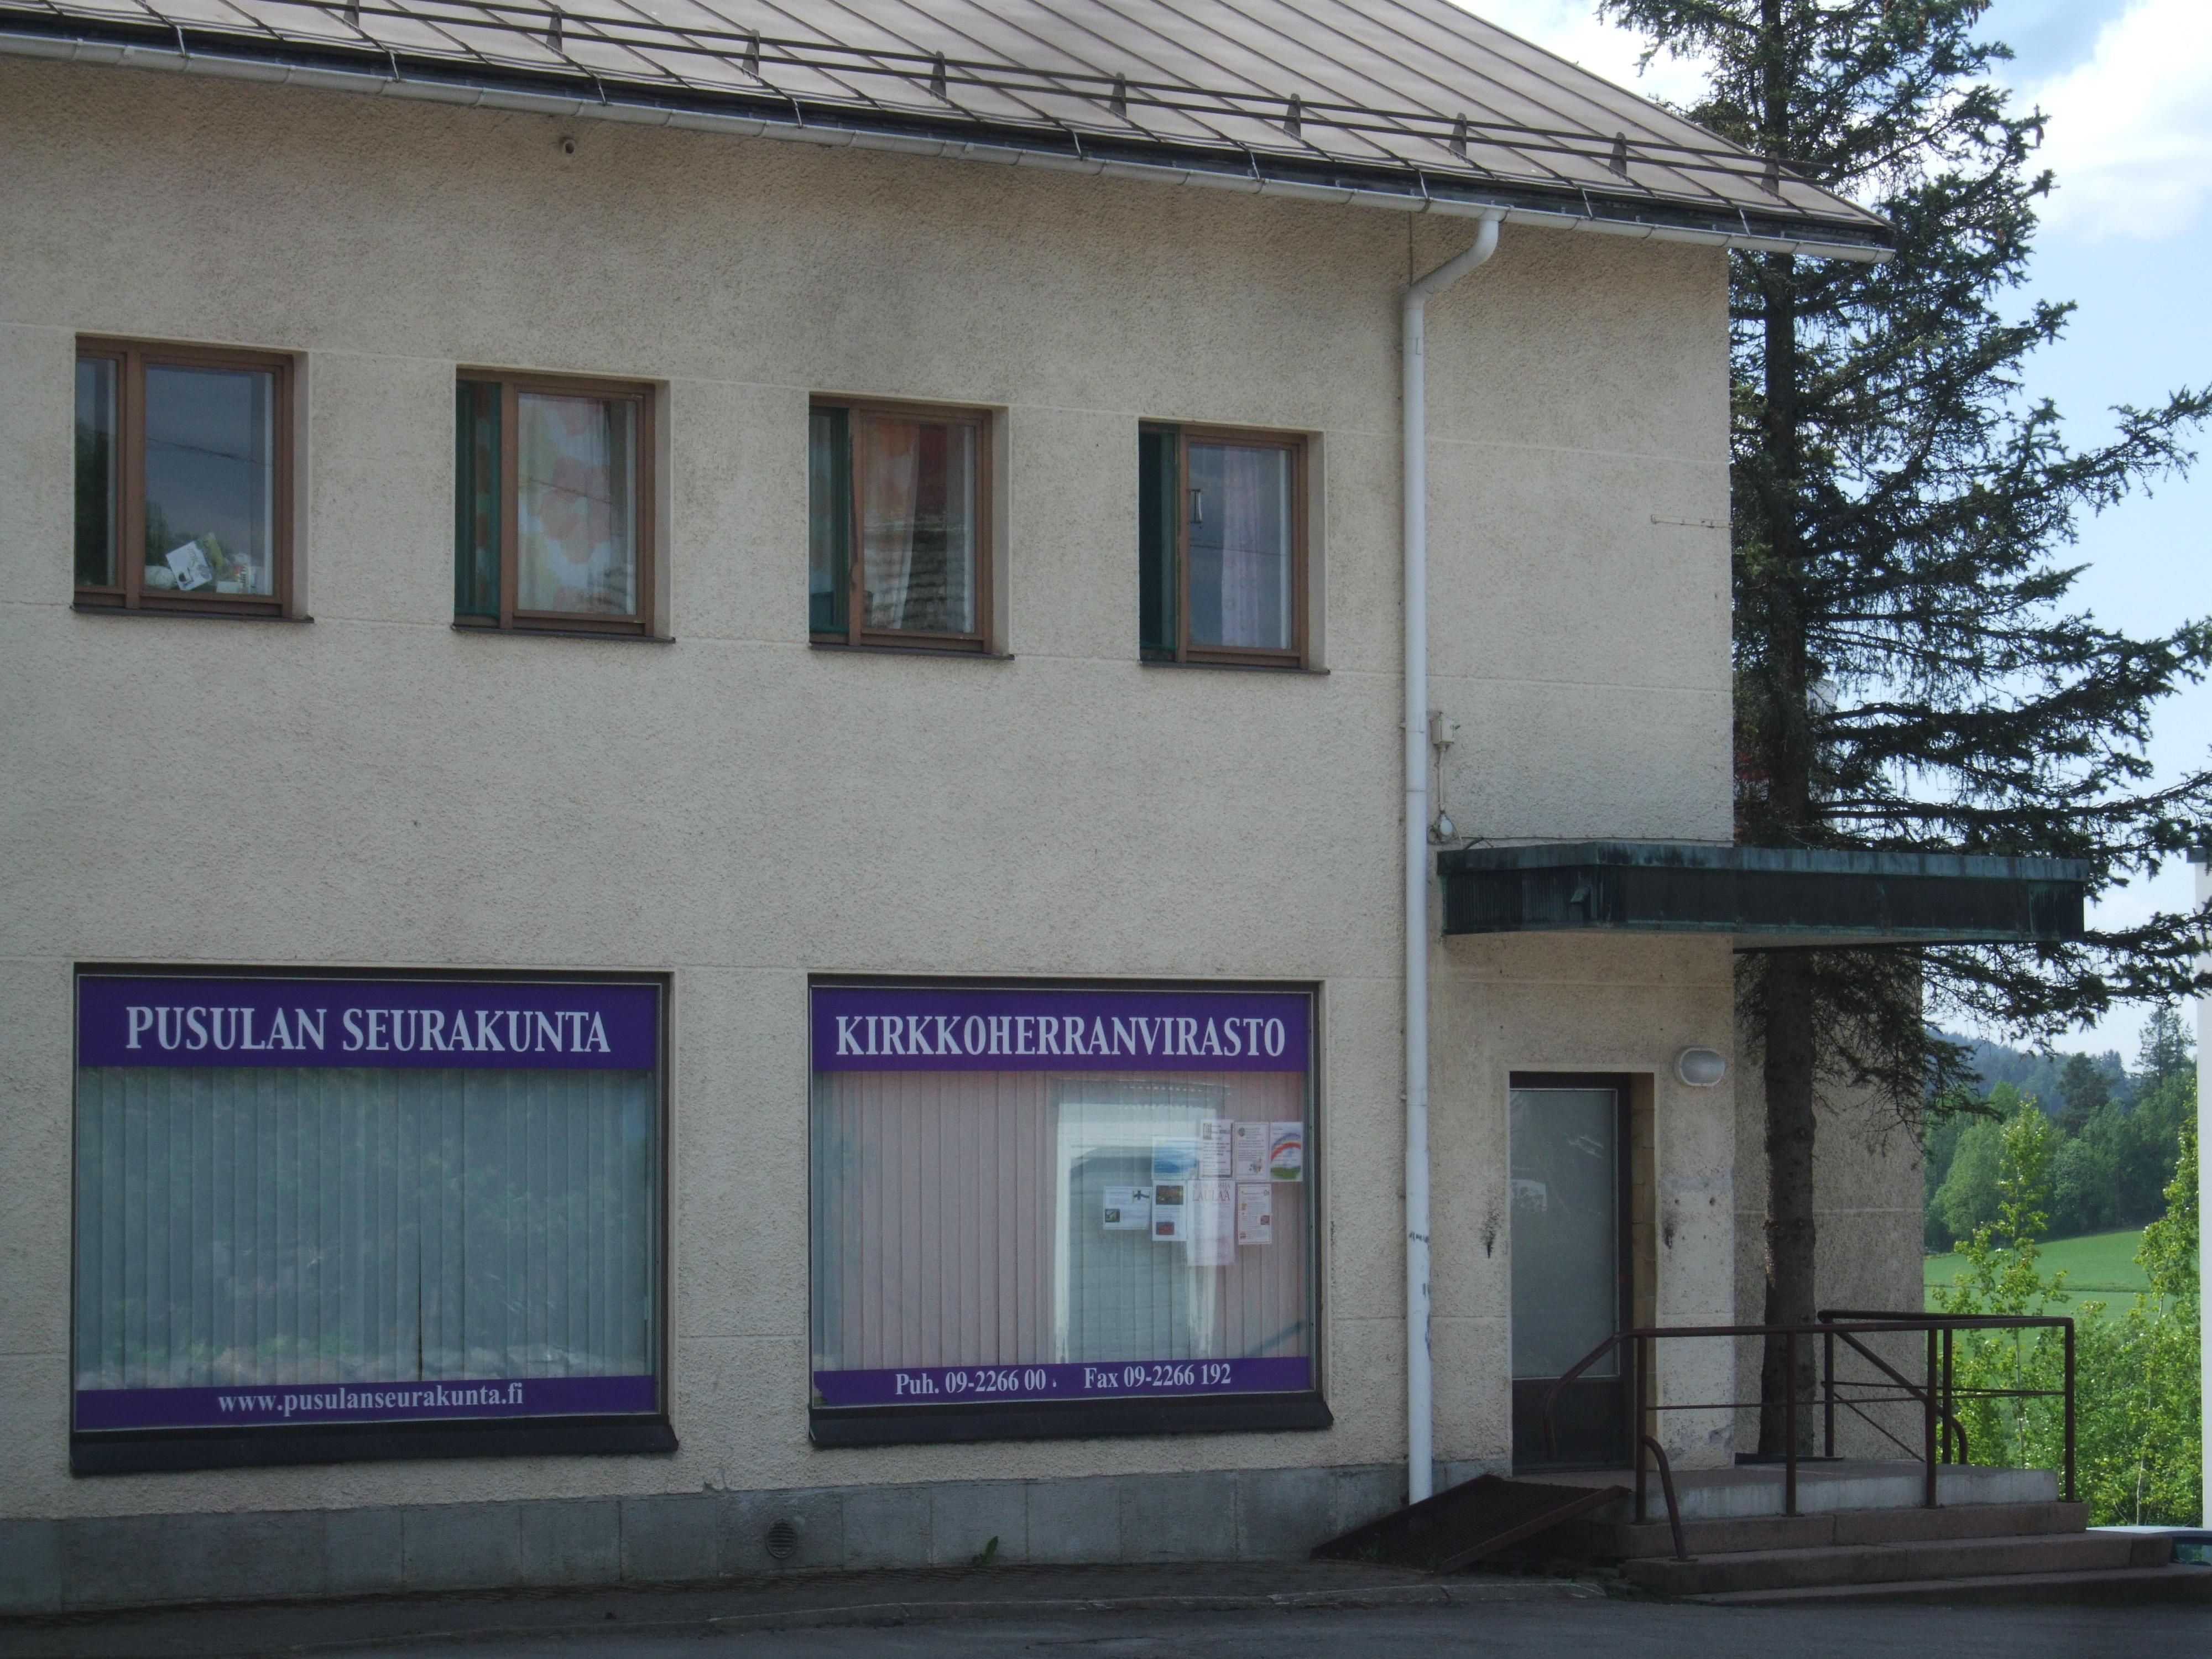 Pusulan seurakuntatoimisto